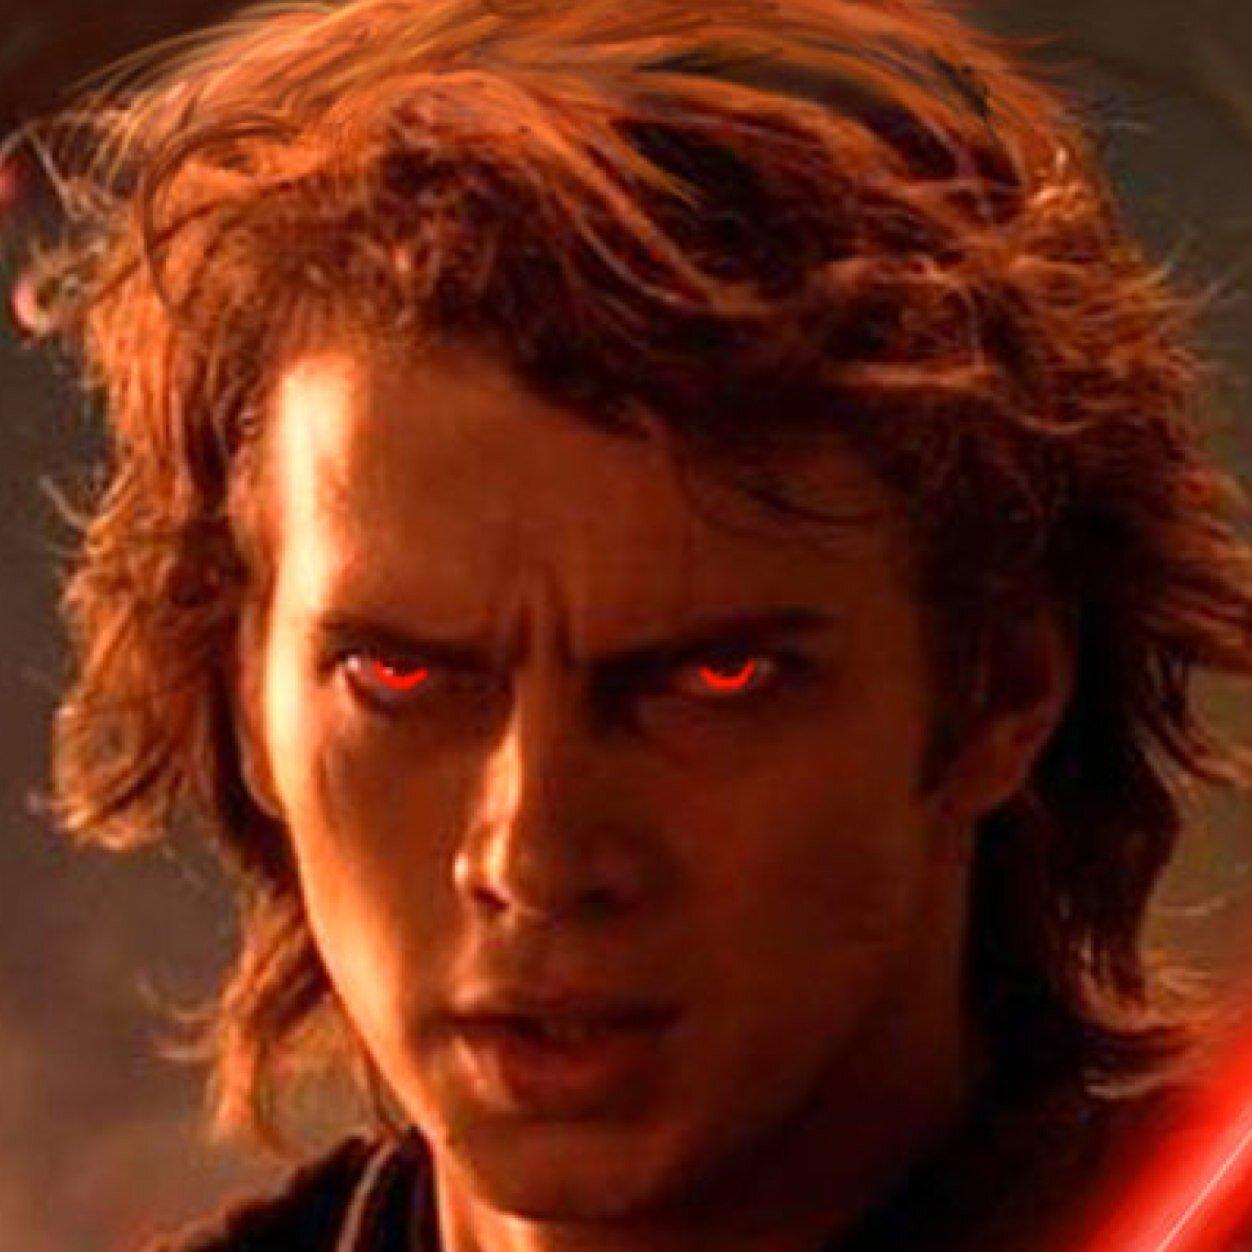 Image result for anakin skywalker red eyes